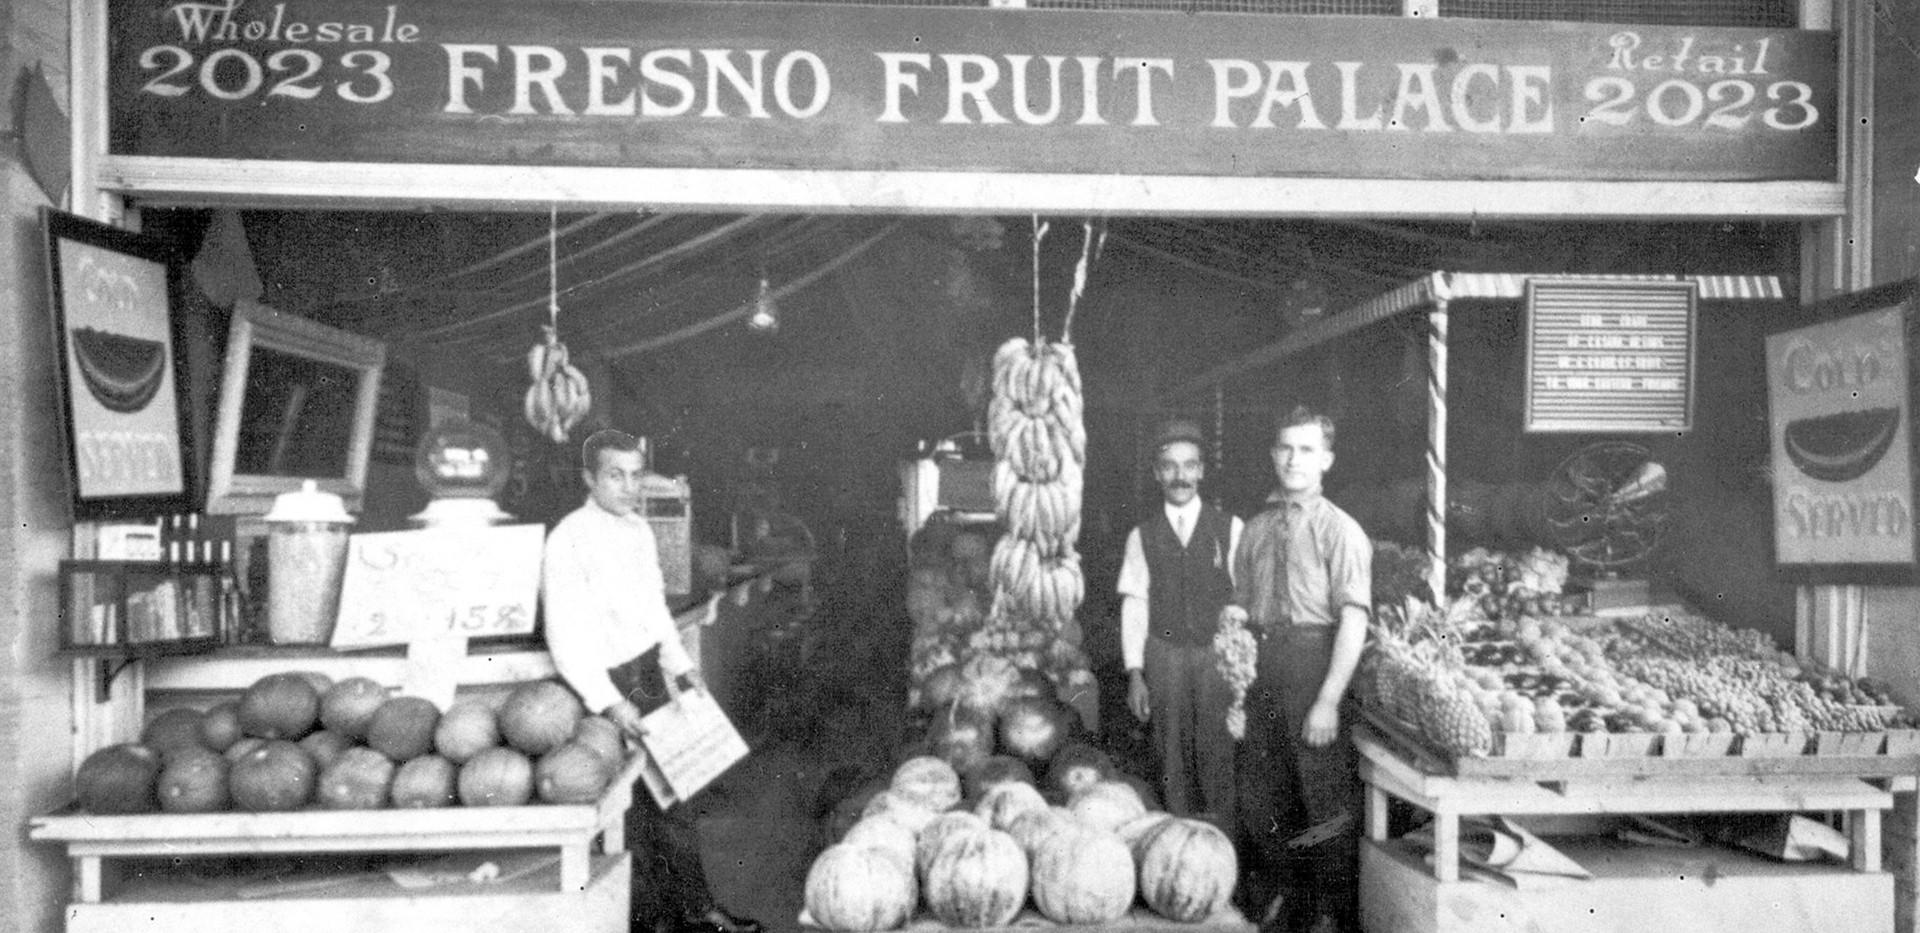 Fresno Fruit Palace